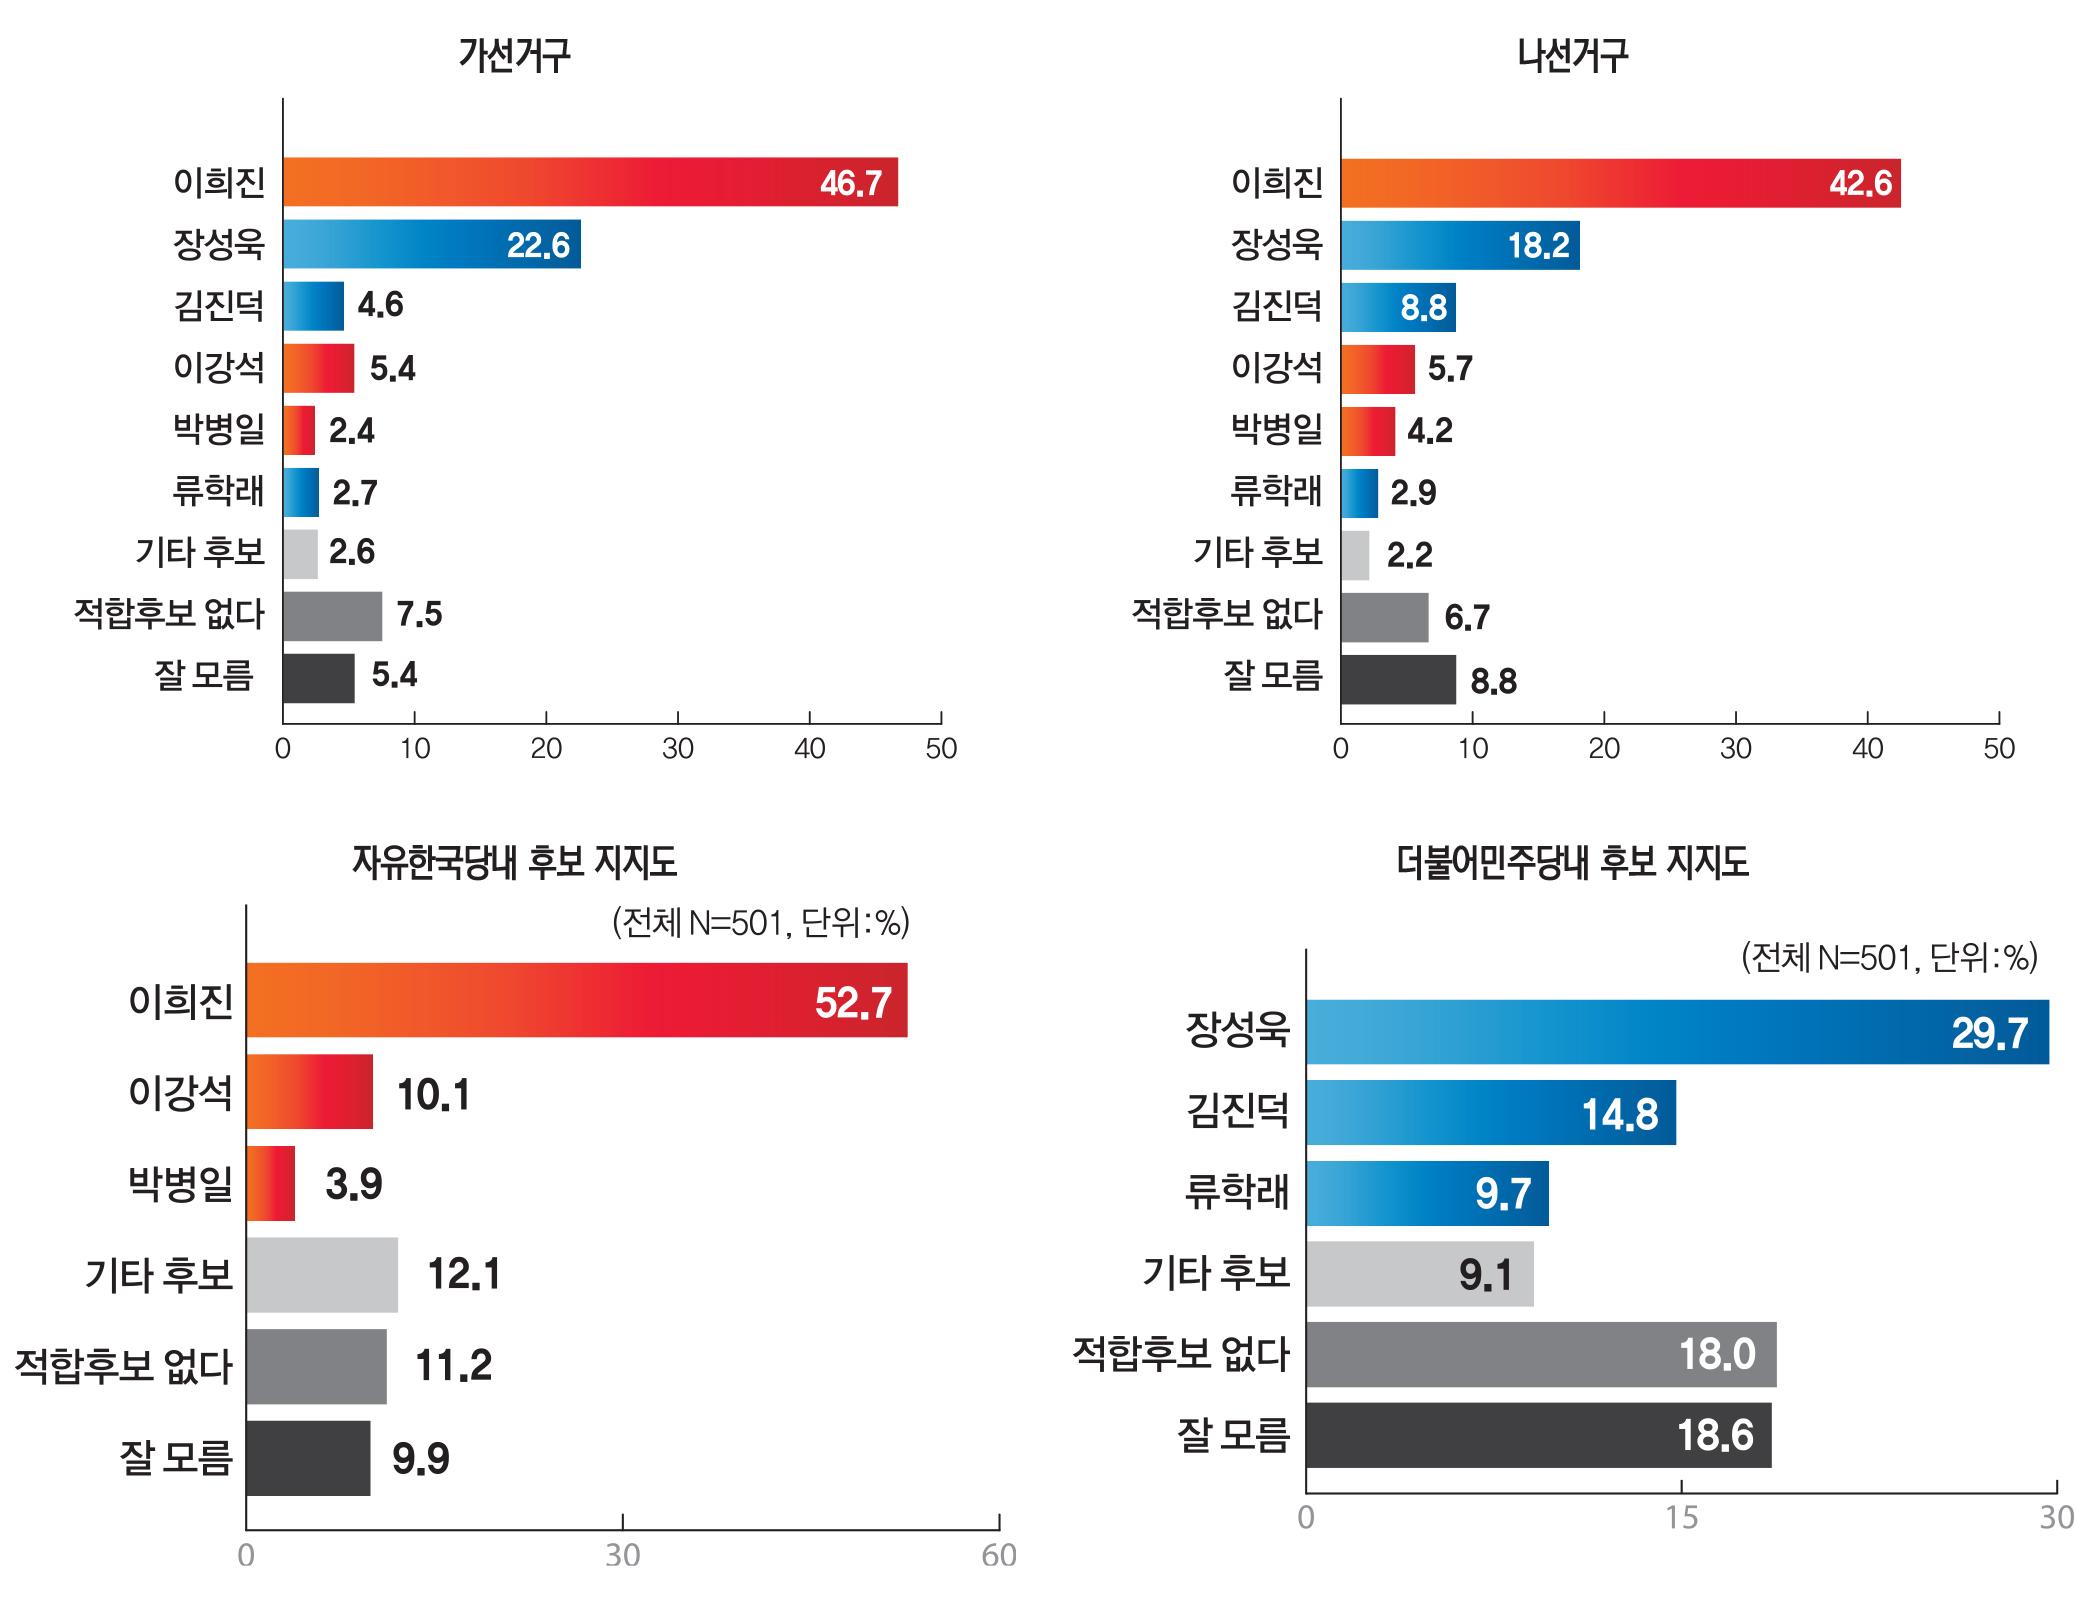 20180302_영덕여론조사그래프.jpg